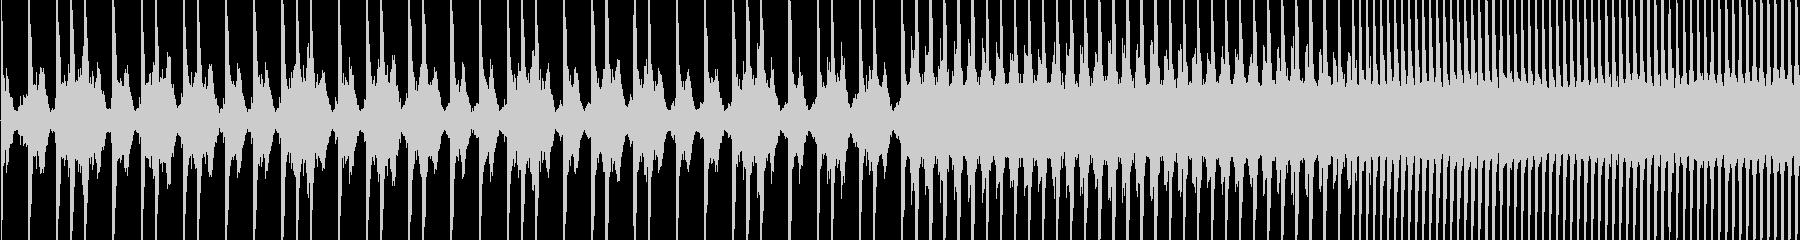 EDMスネアロールの未再生の波形